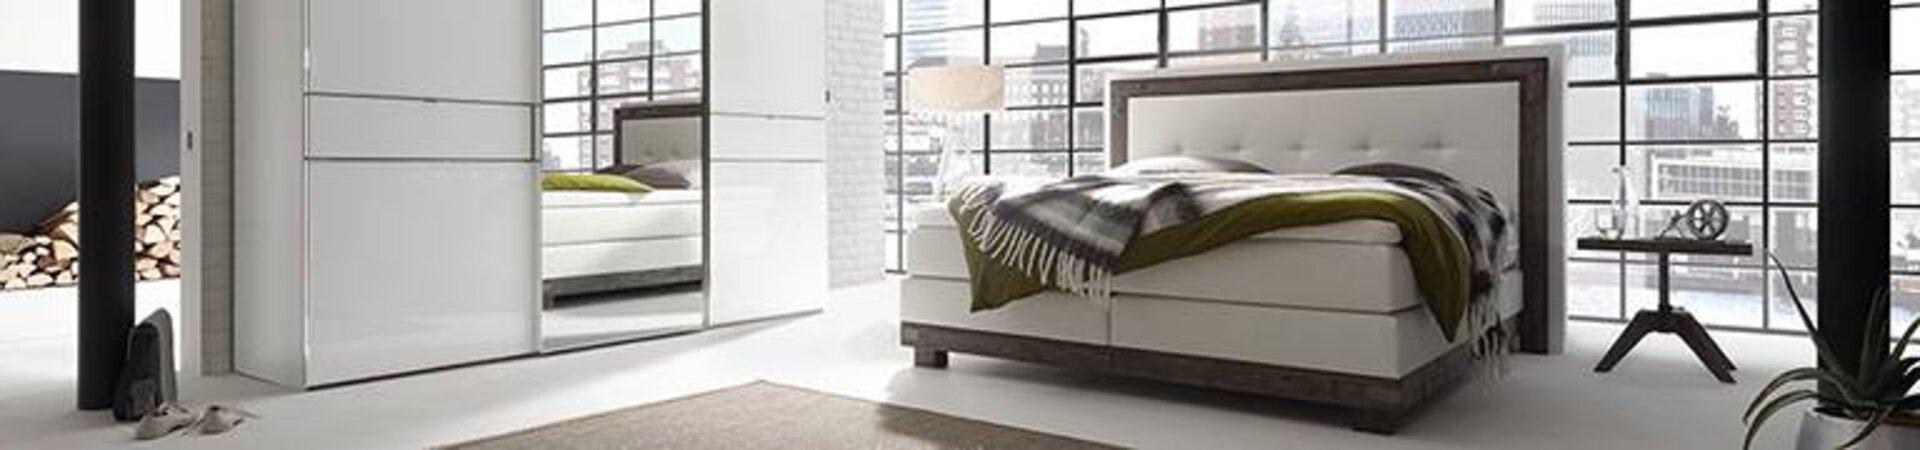 Ausschnitt eines Schlafzimmers, dass von einem großen Boxspringbett und einem weißen Schwebetürenschrank dominiert wird. Das Boxspringbett mit Doppelmatratze und lederbezogenem Kopfteil steht an einer großen Fensterfront in einem Loft.